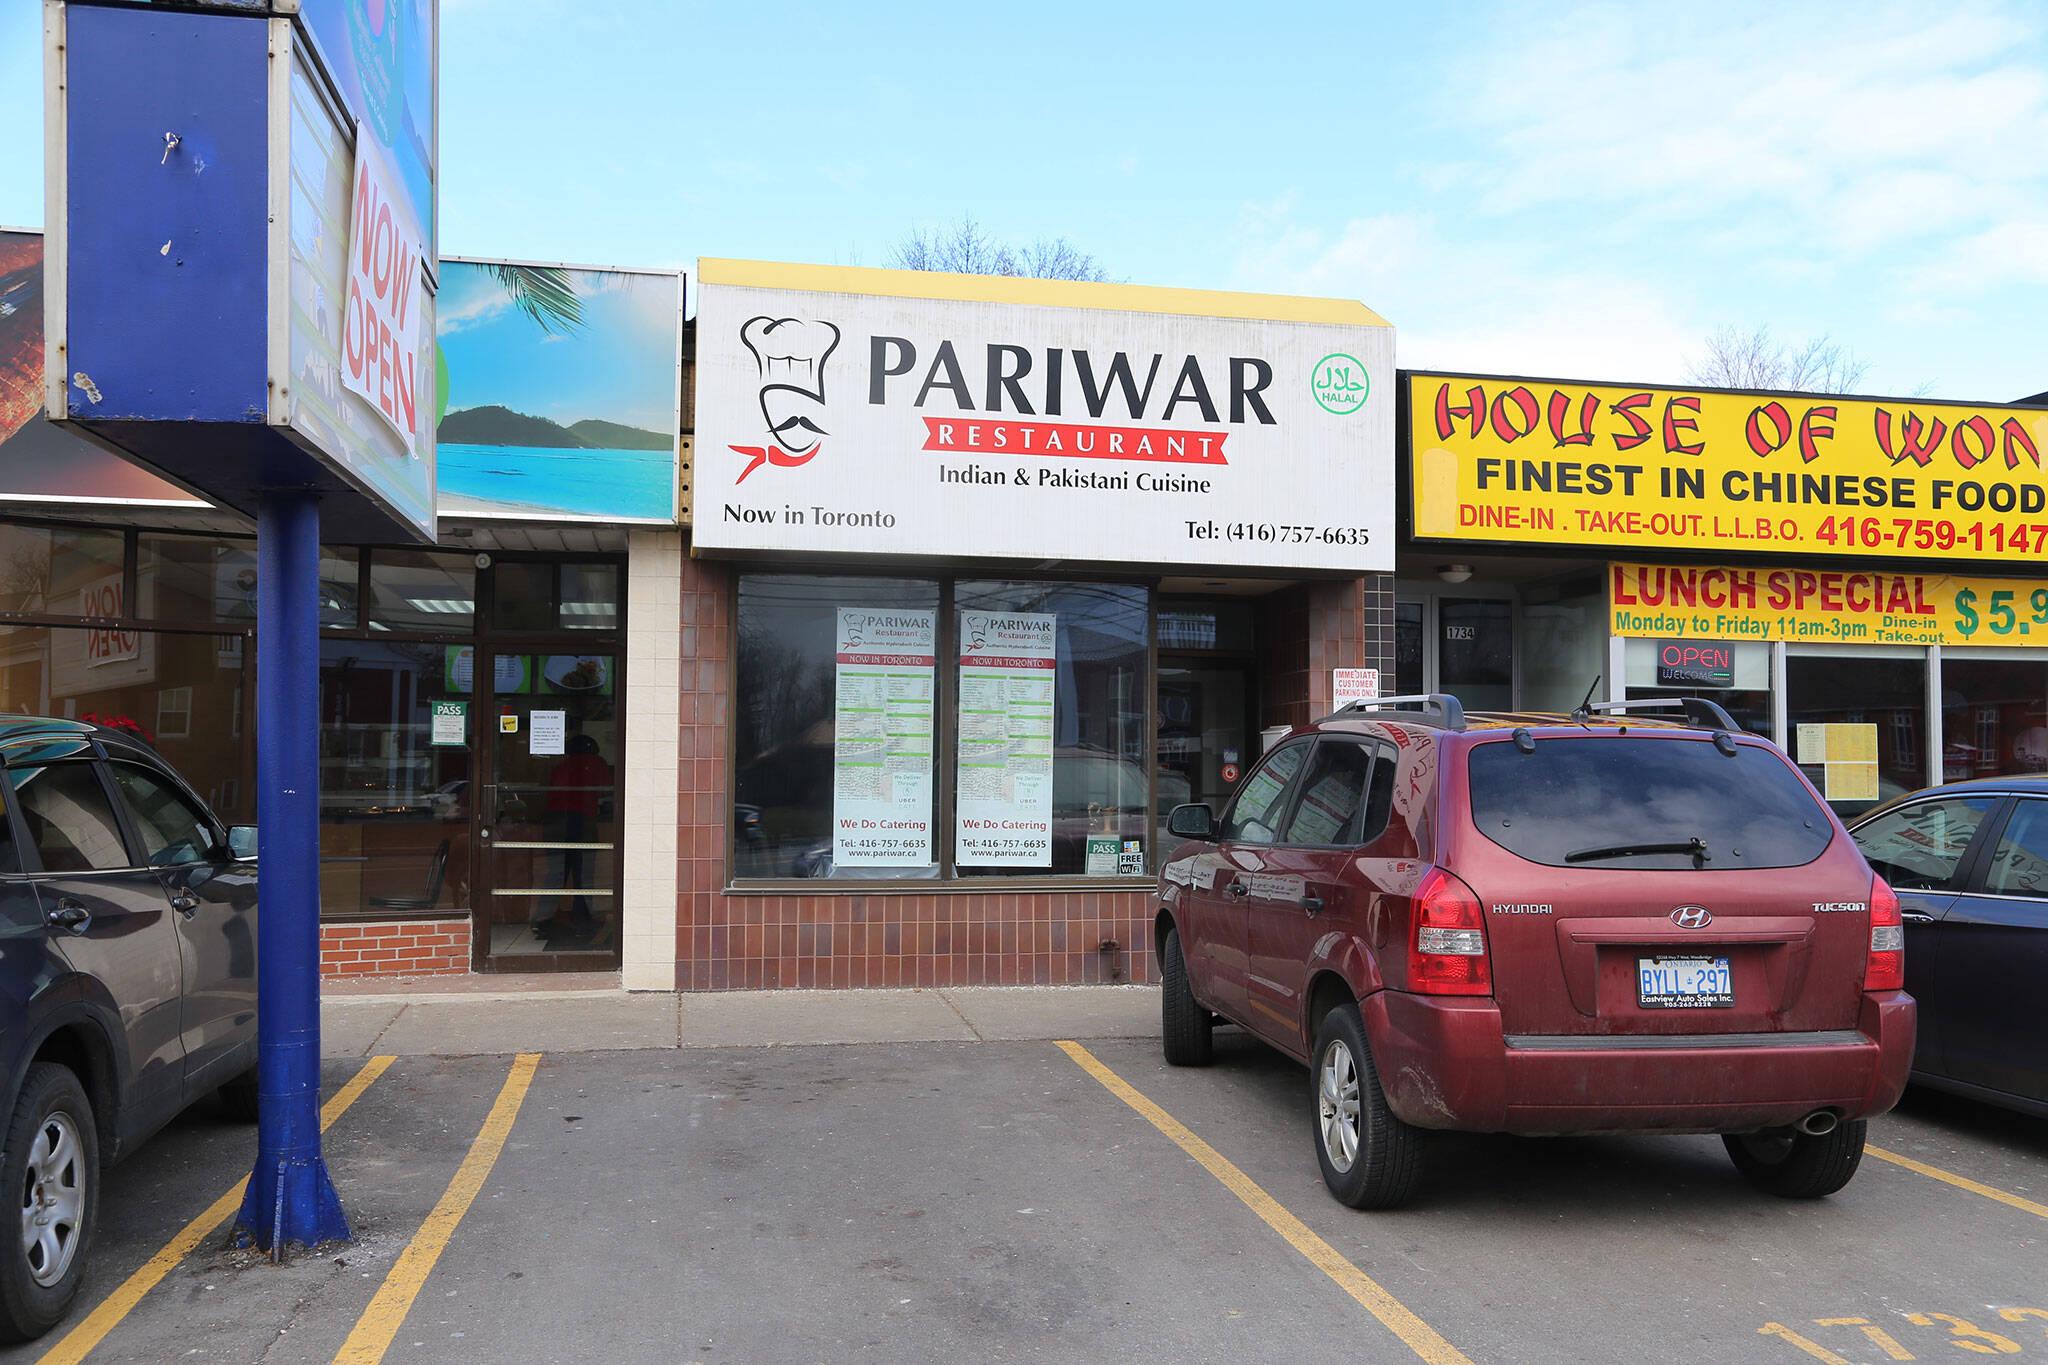 Pariwar Toronto